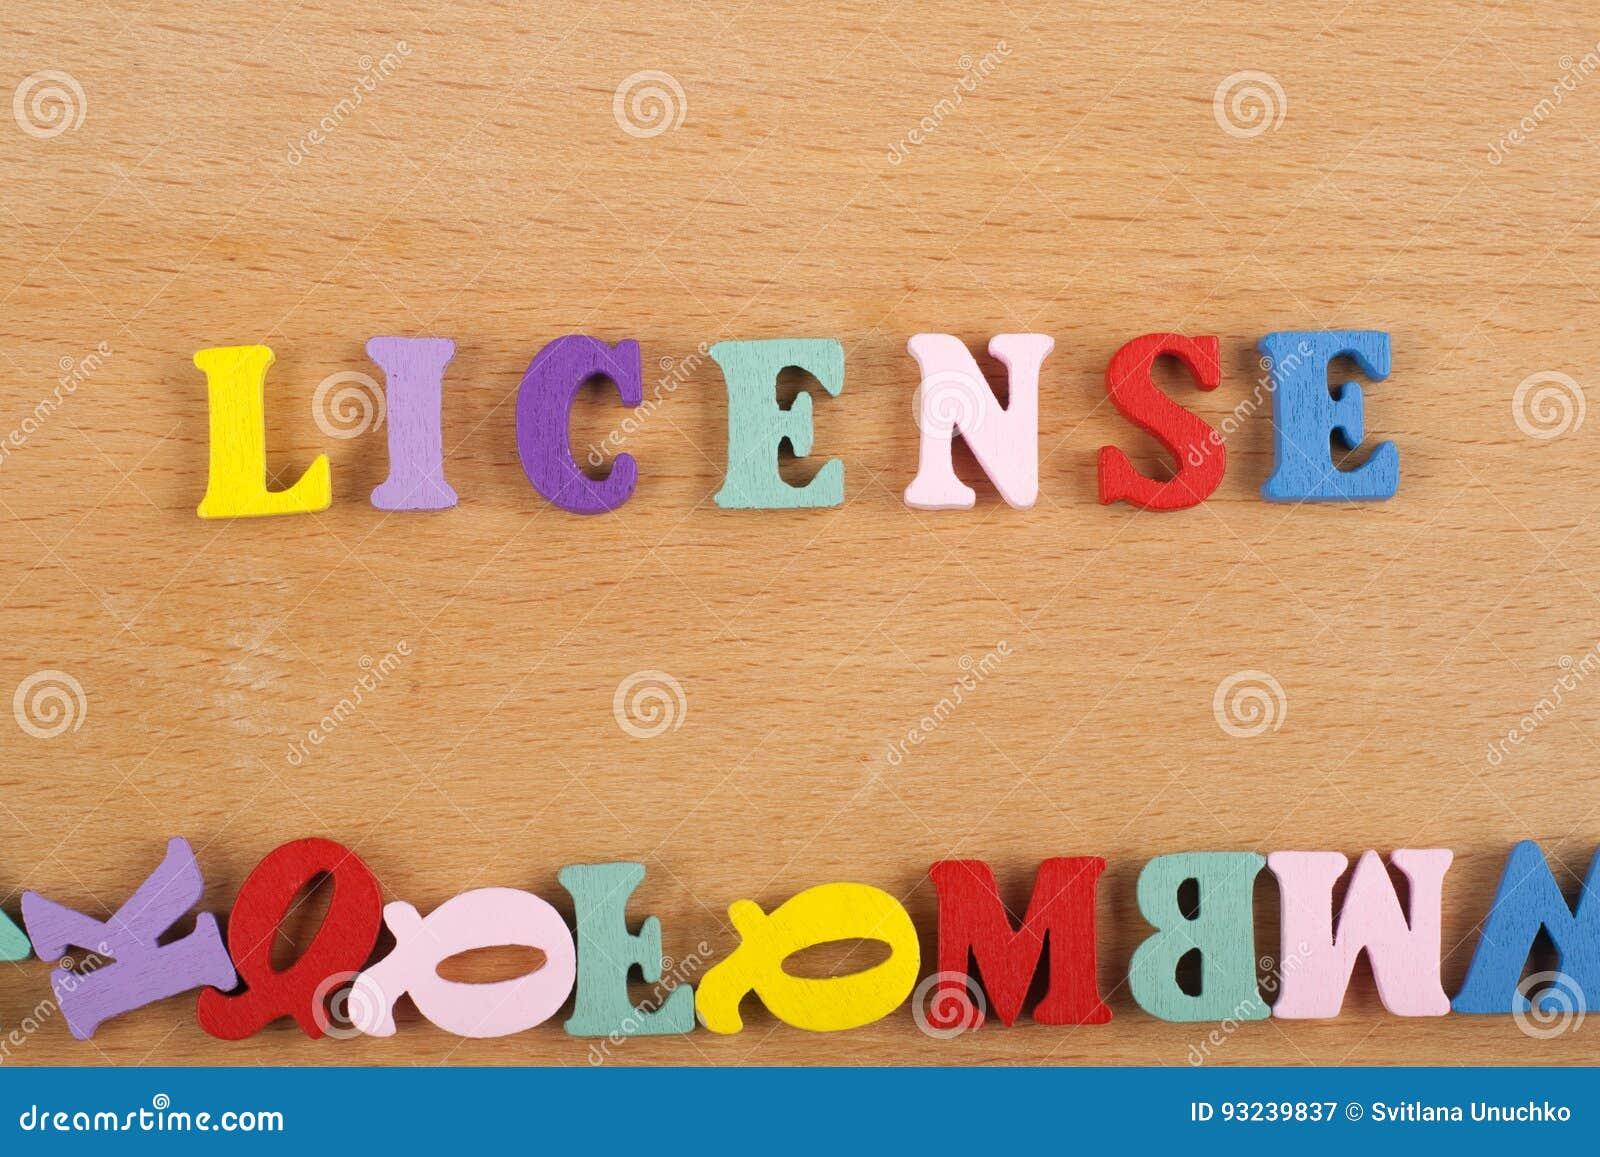 LICENCJA słowo na drewnianym tle komponującym od kolorowego abc abecadła bloku drewnianych listów, kopii przestrzeń dla reklama t